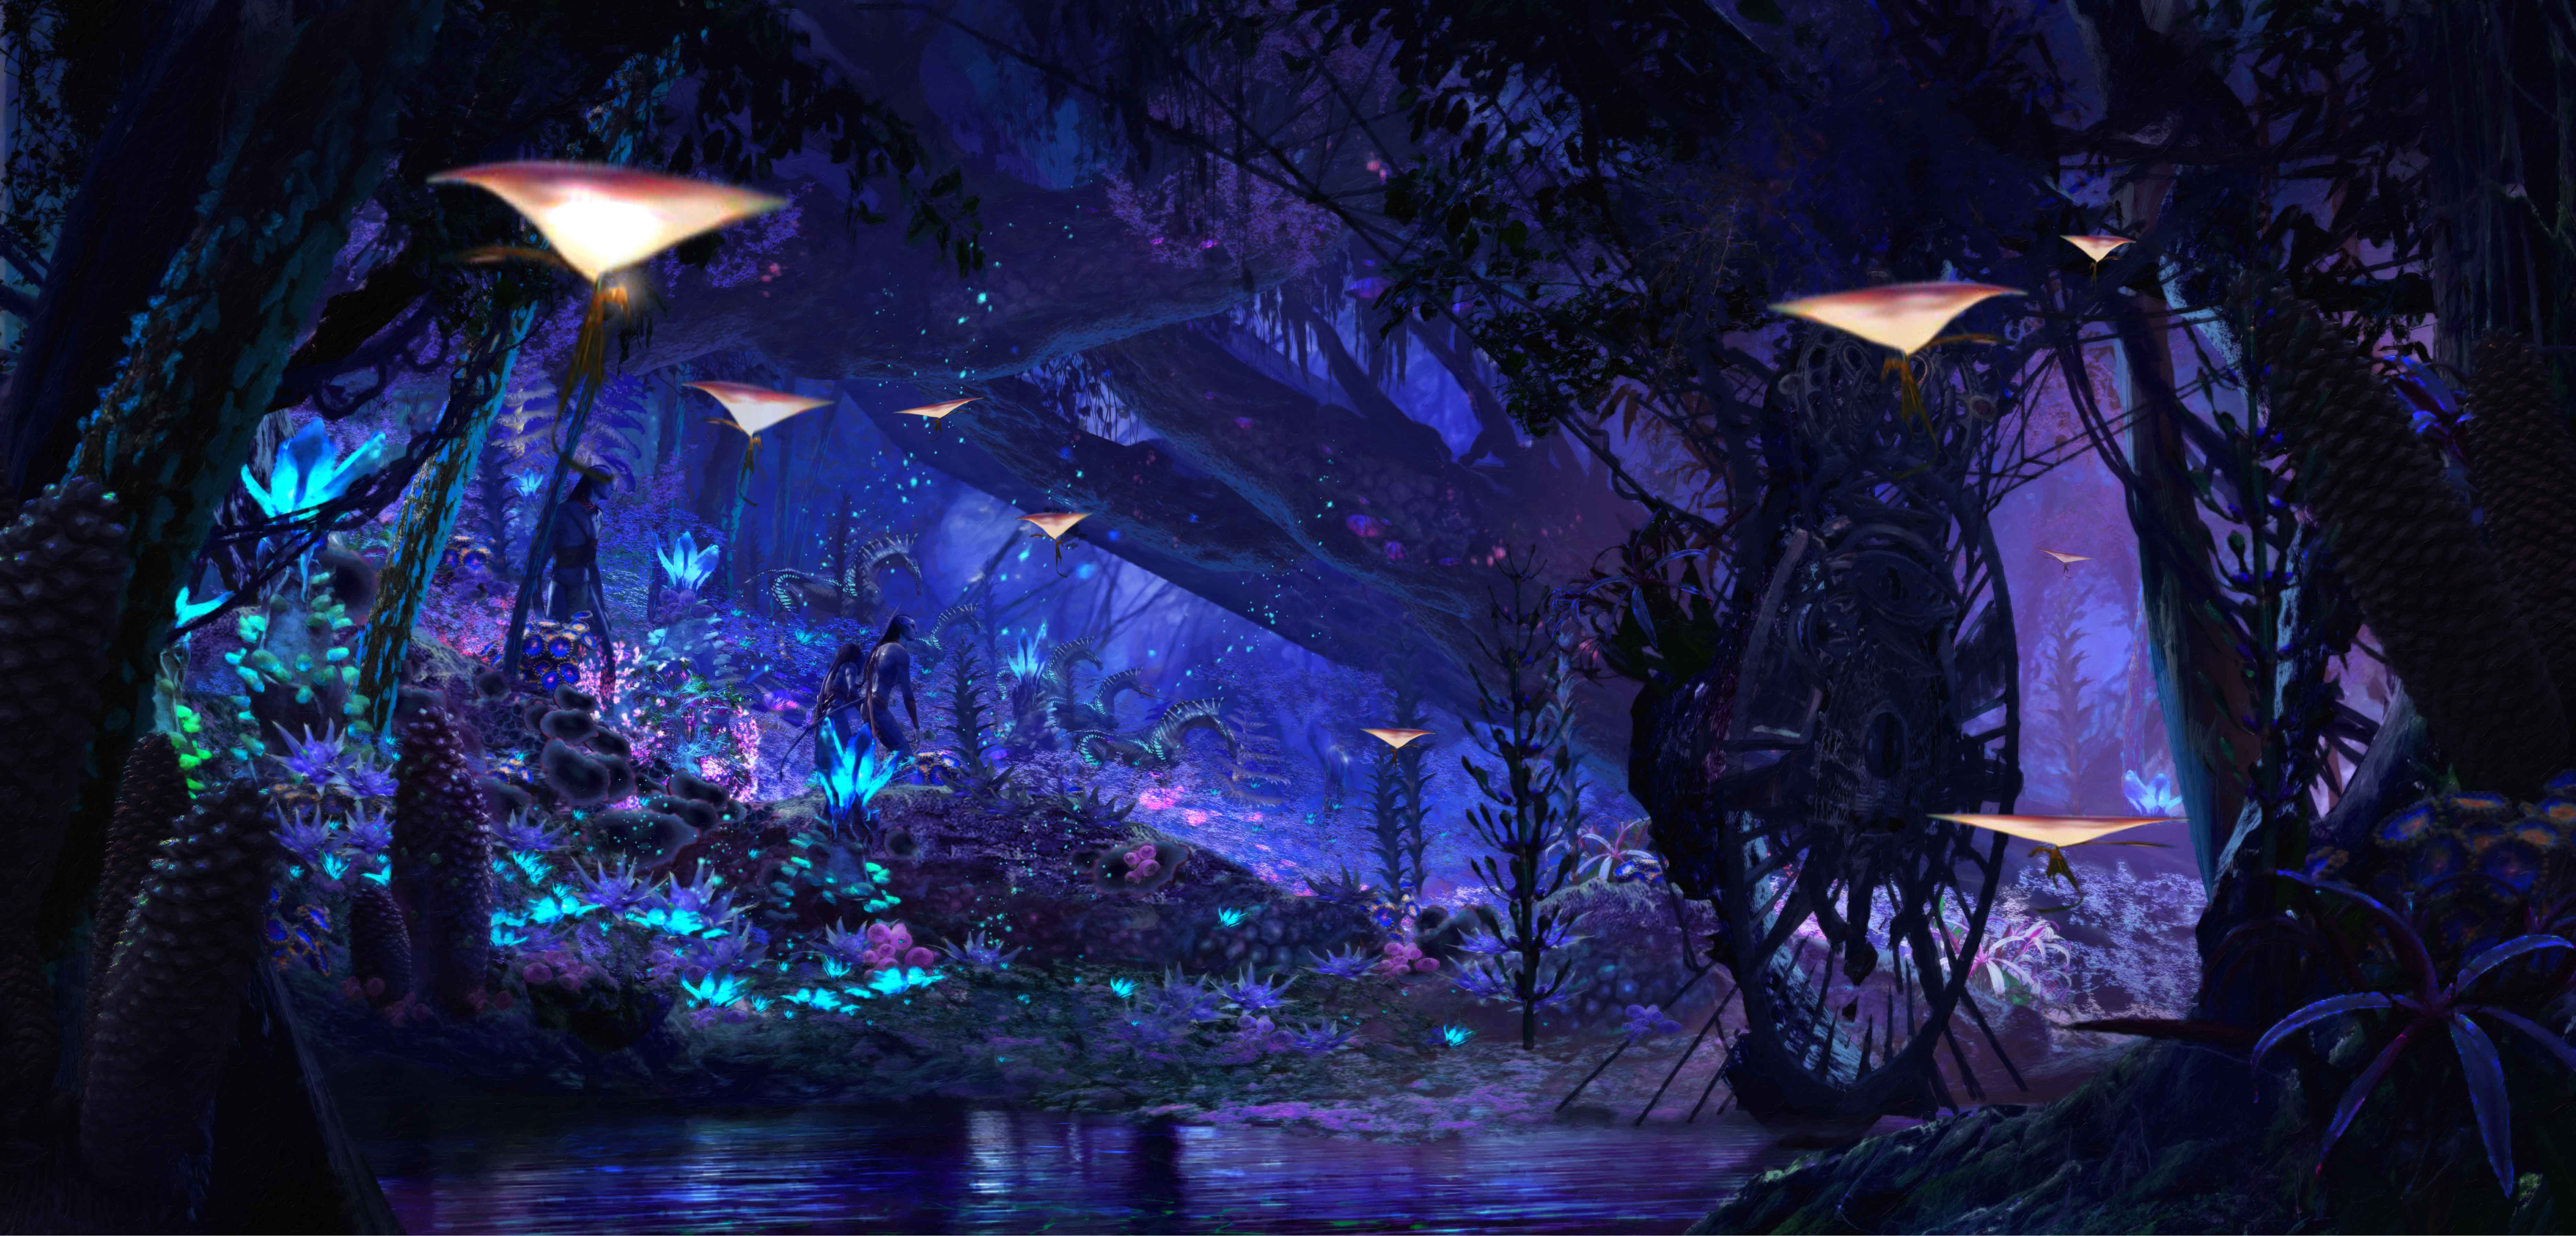 Na'vi River Journey concept art